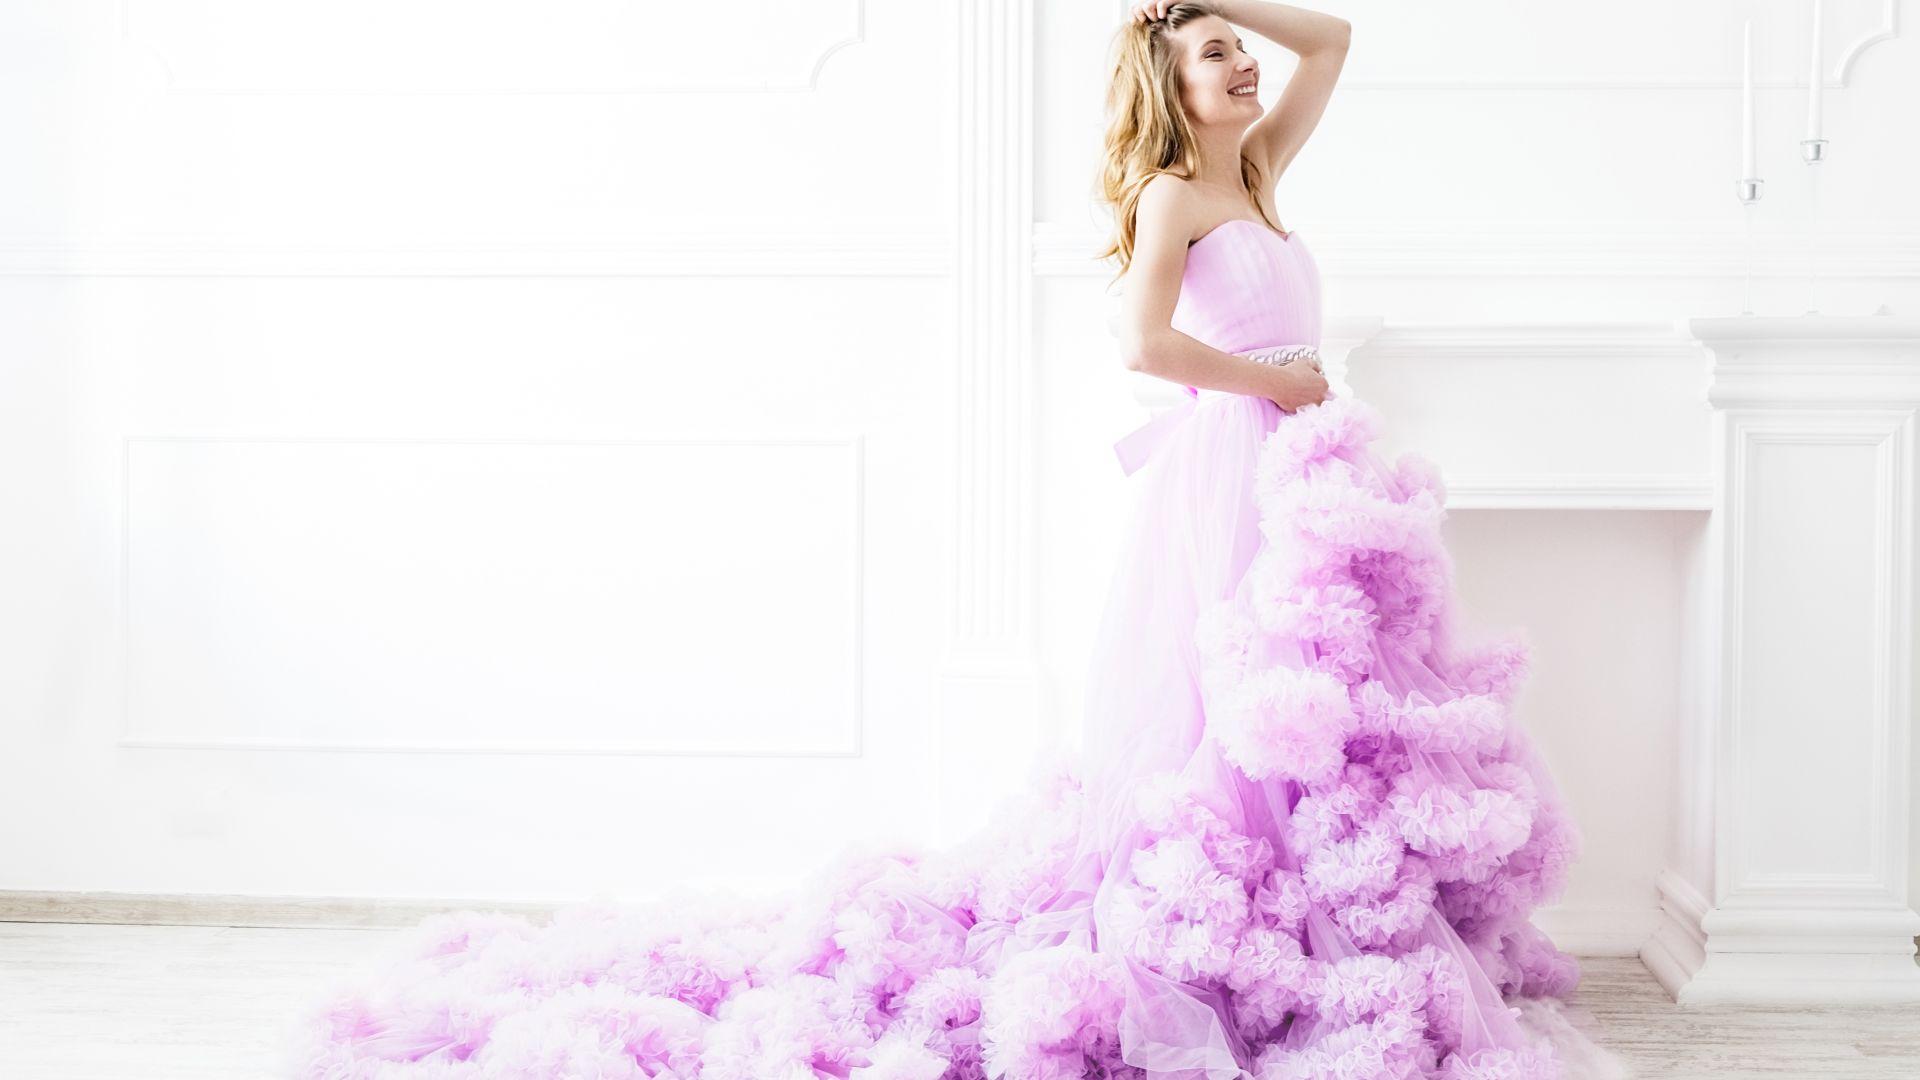 Време за принцеси: Панделки и воали в пролетния тренд на балните рокли